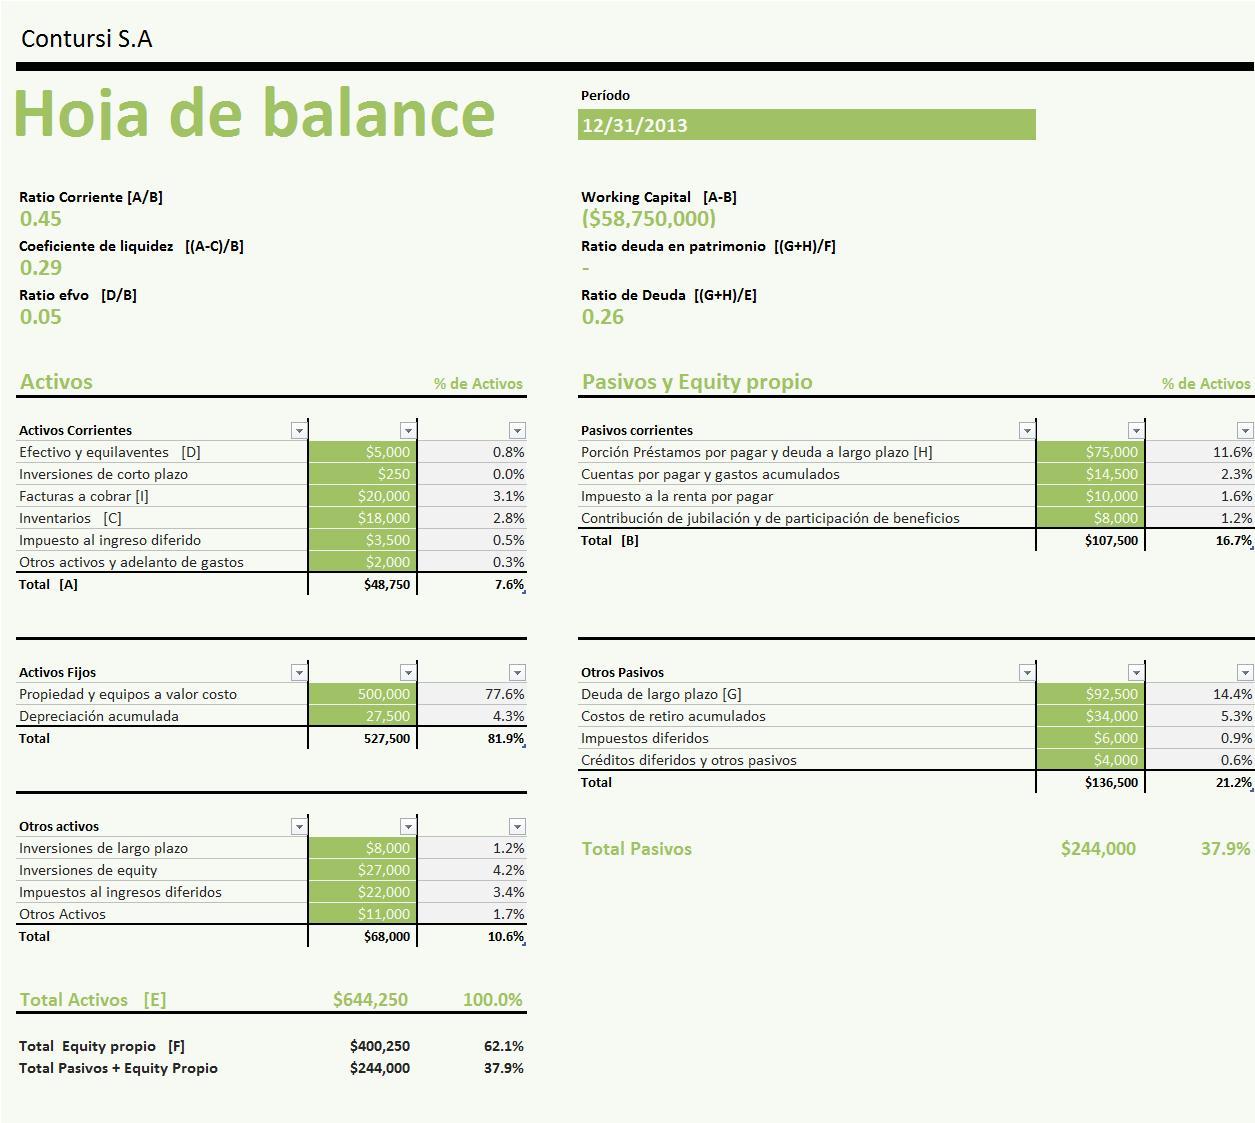 Hoja de balance en Excel - PlanillaExcel.com